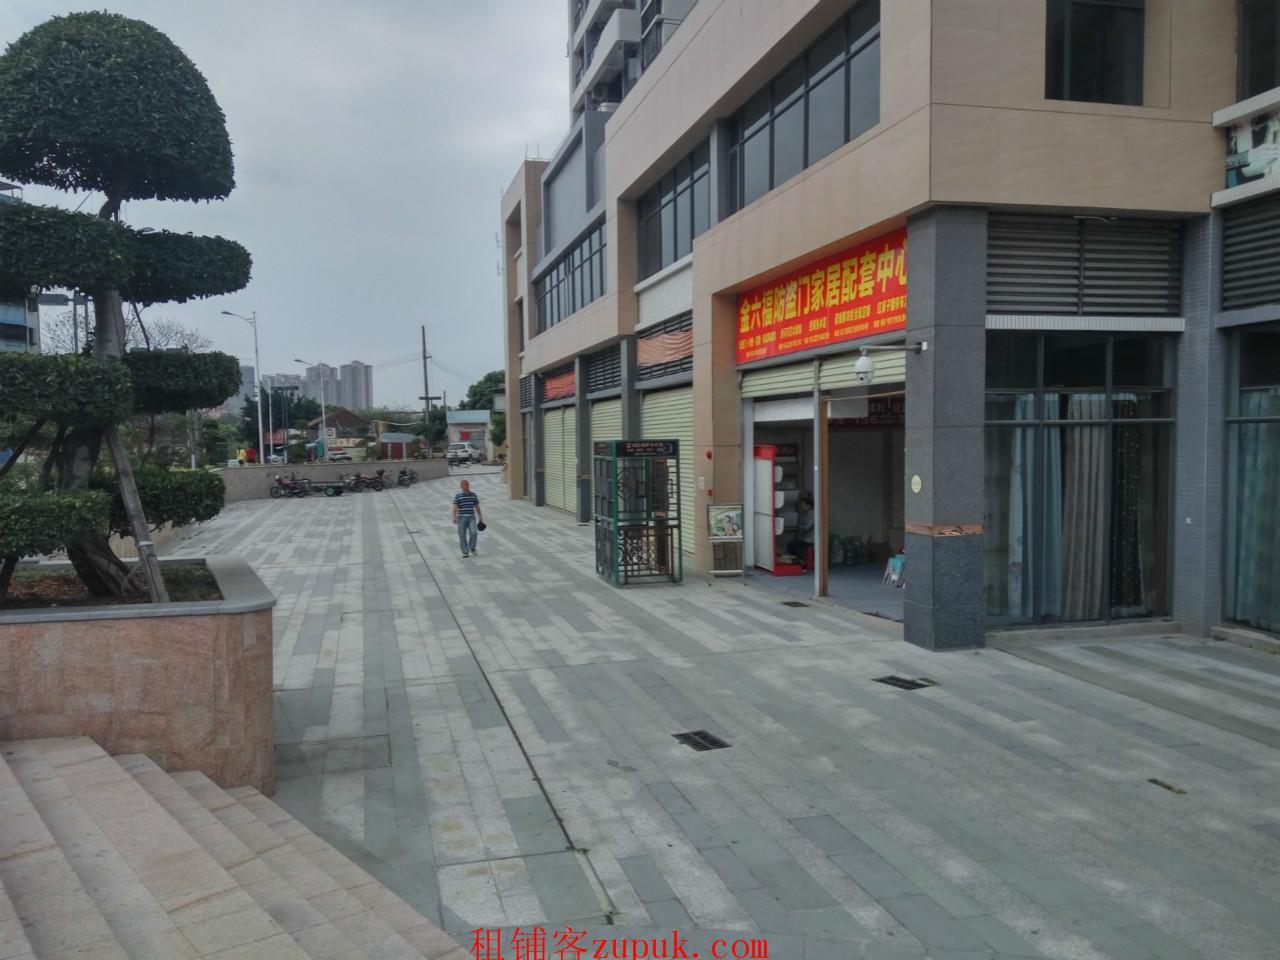 番禺市桥儿童公园旁小区临街商铺出租 诚邀家政服务进驻